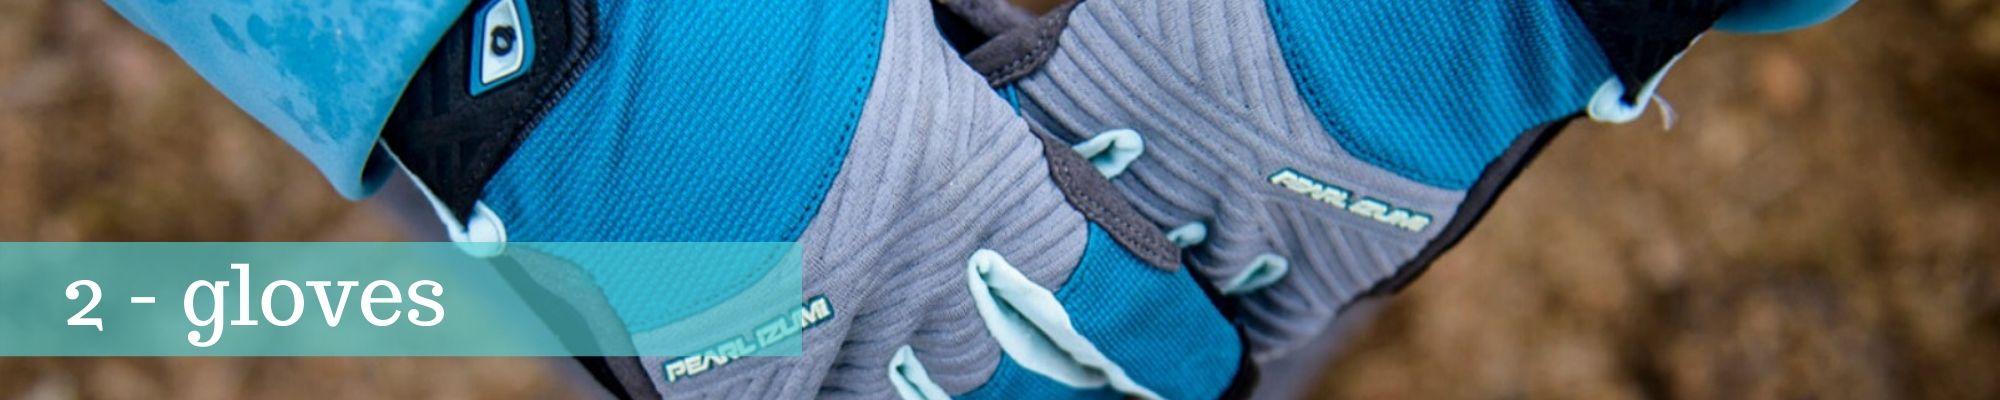 bike gift 2 - gloves